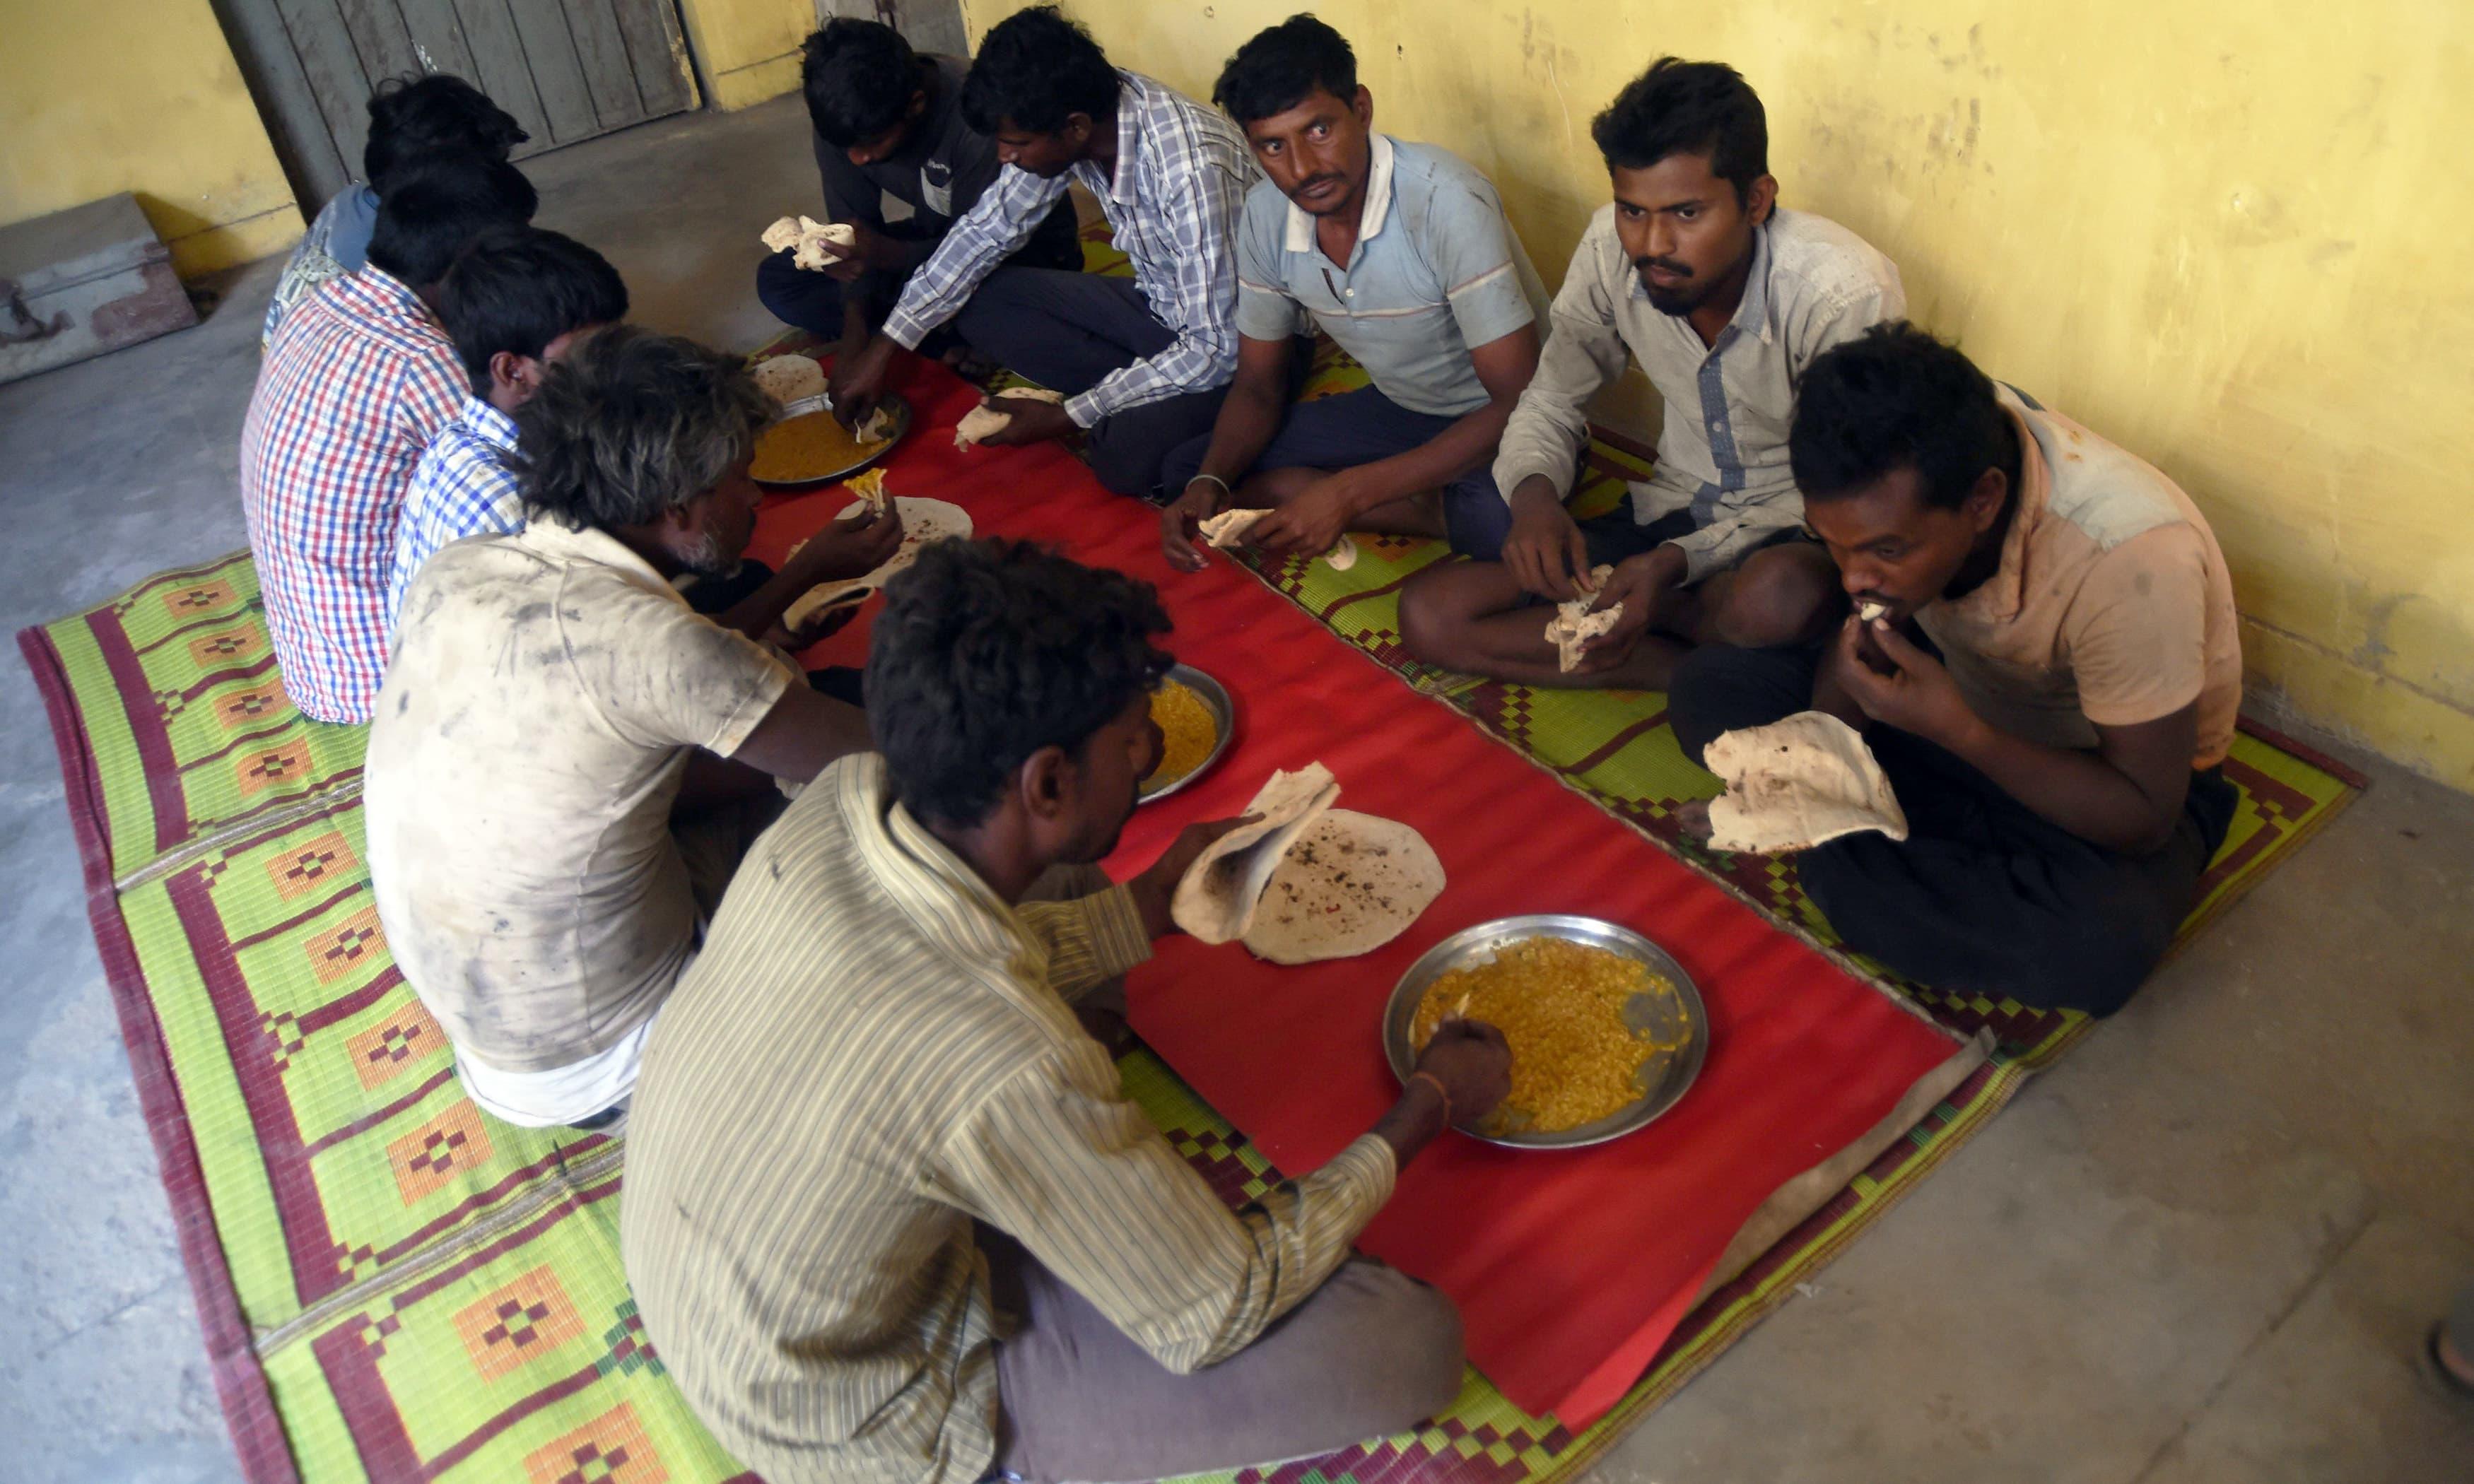 Arrested Indian fishermen eat lunch at a police station in Karachi. —AFP